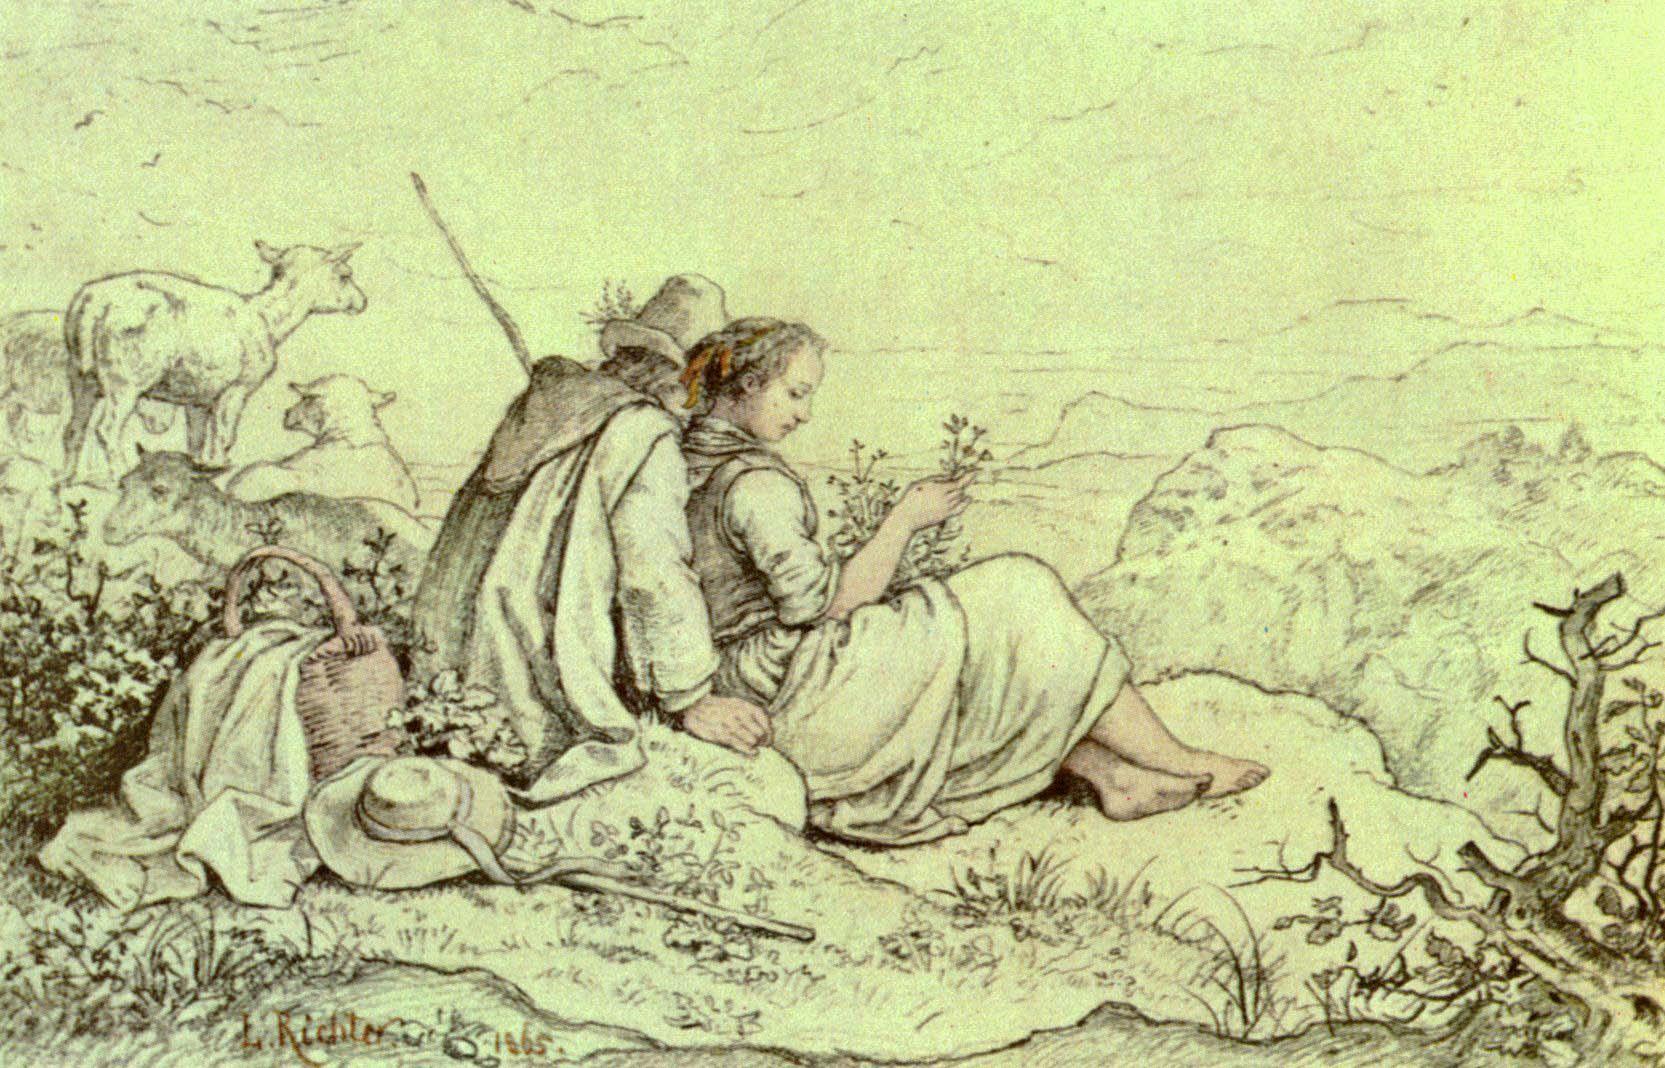 Ludwig Richter, Auf Bergeshöhe, ca. 1840